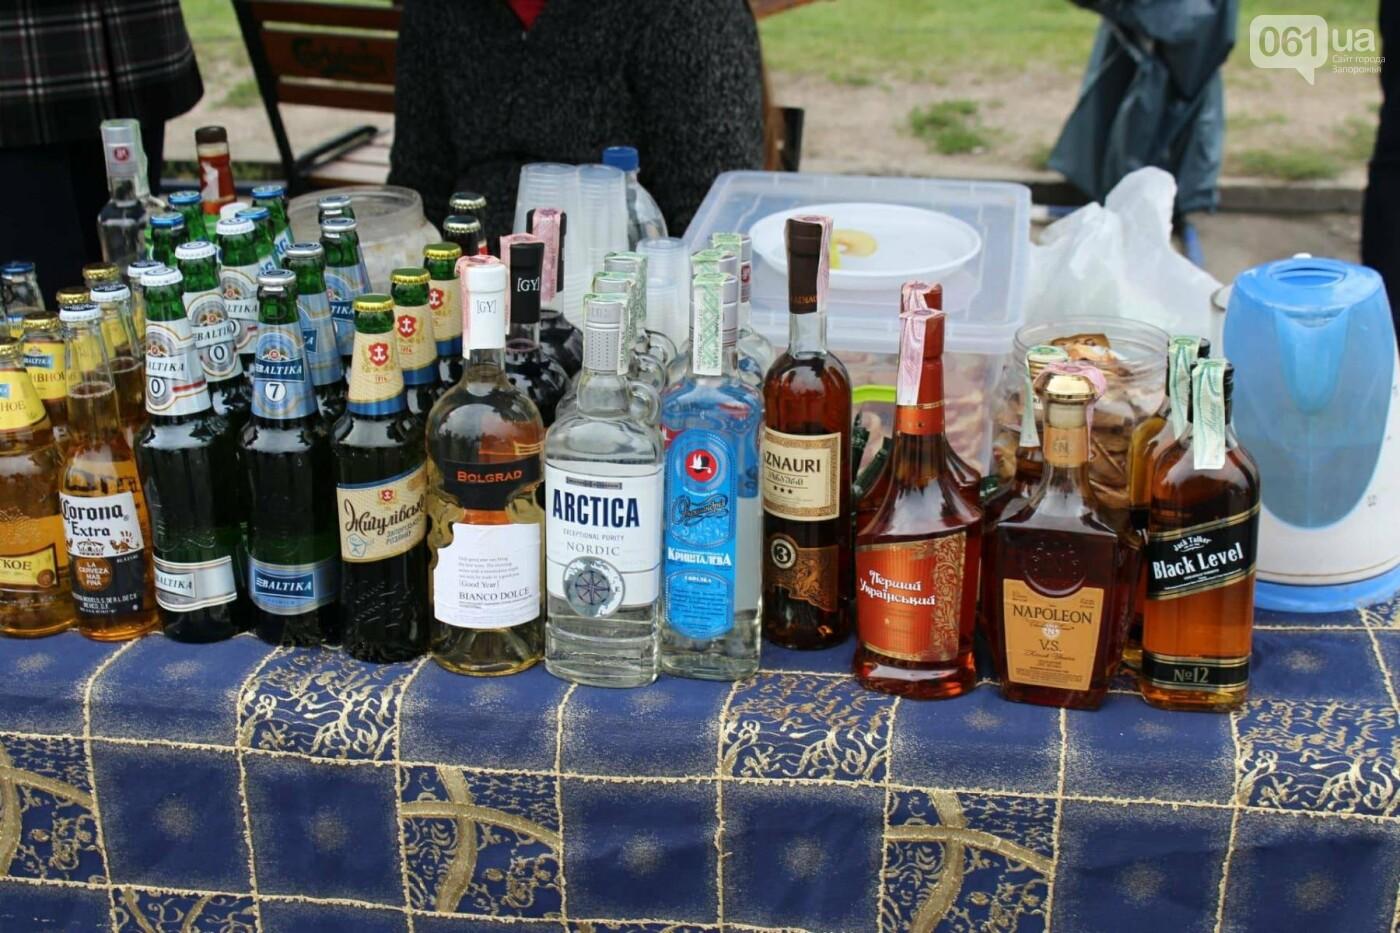 На Покровской ярмарке, несмотря на запрет, с самого утра продают алкоголь, - ФОТО, фото-15